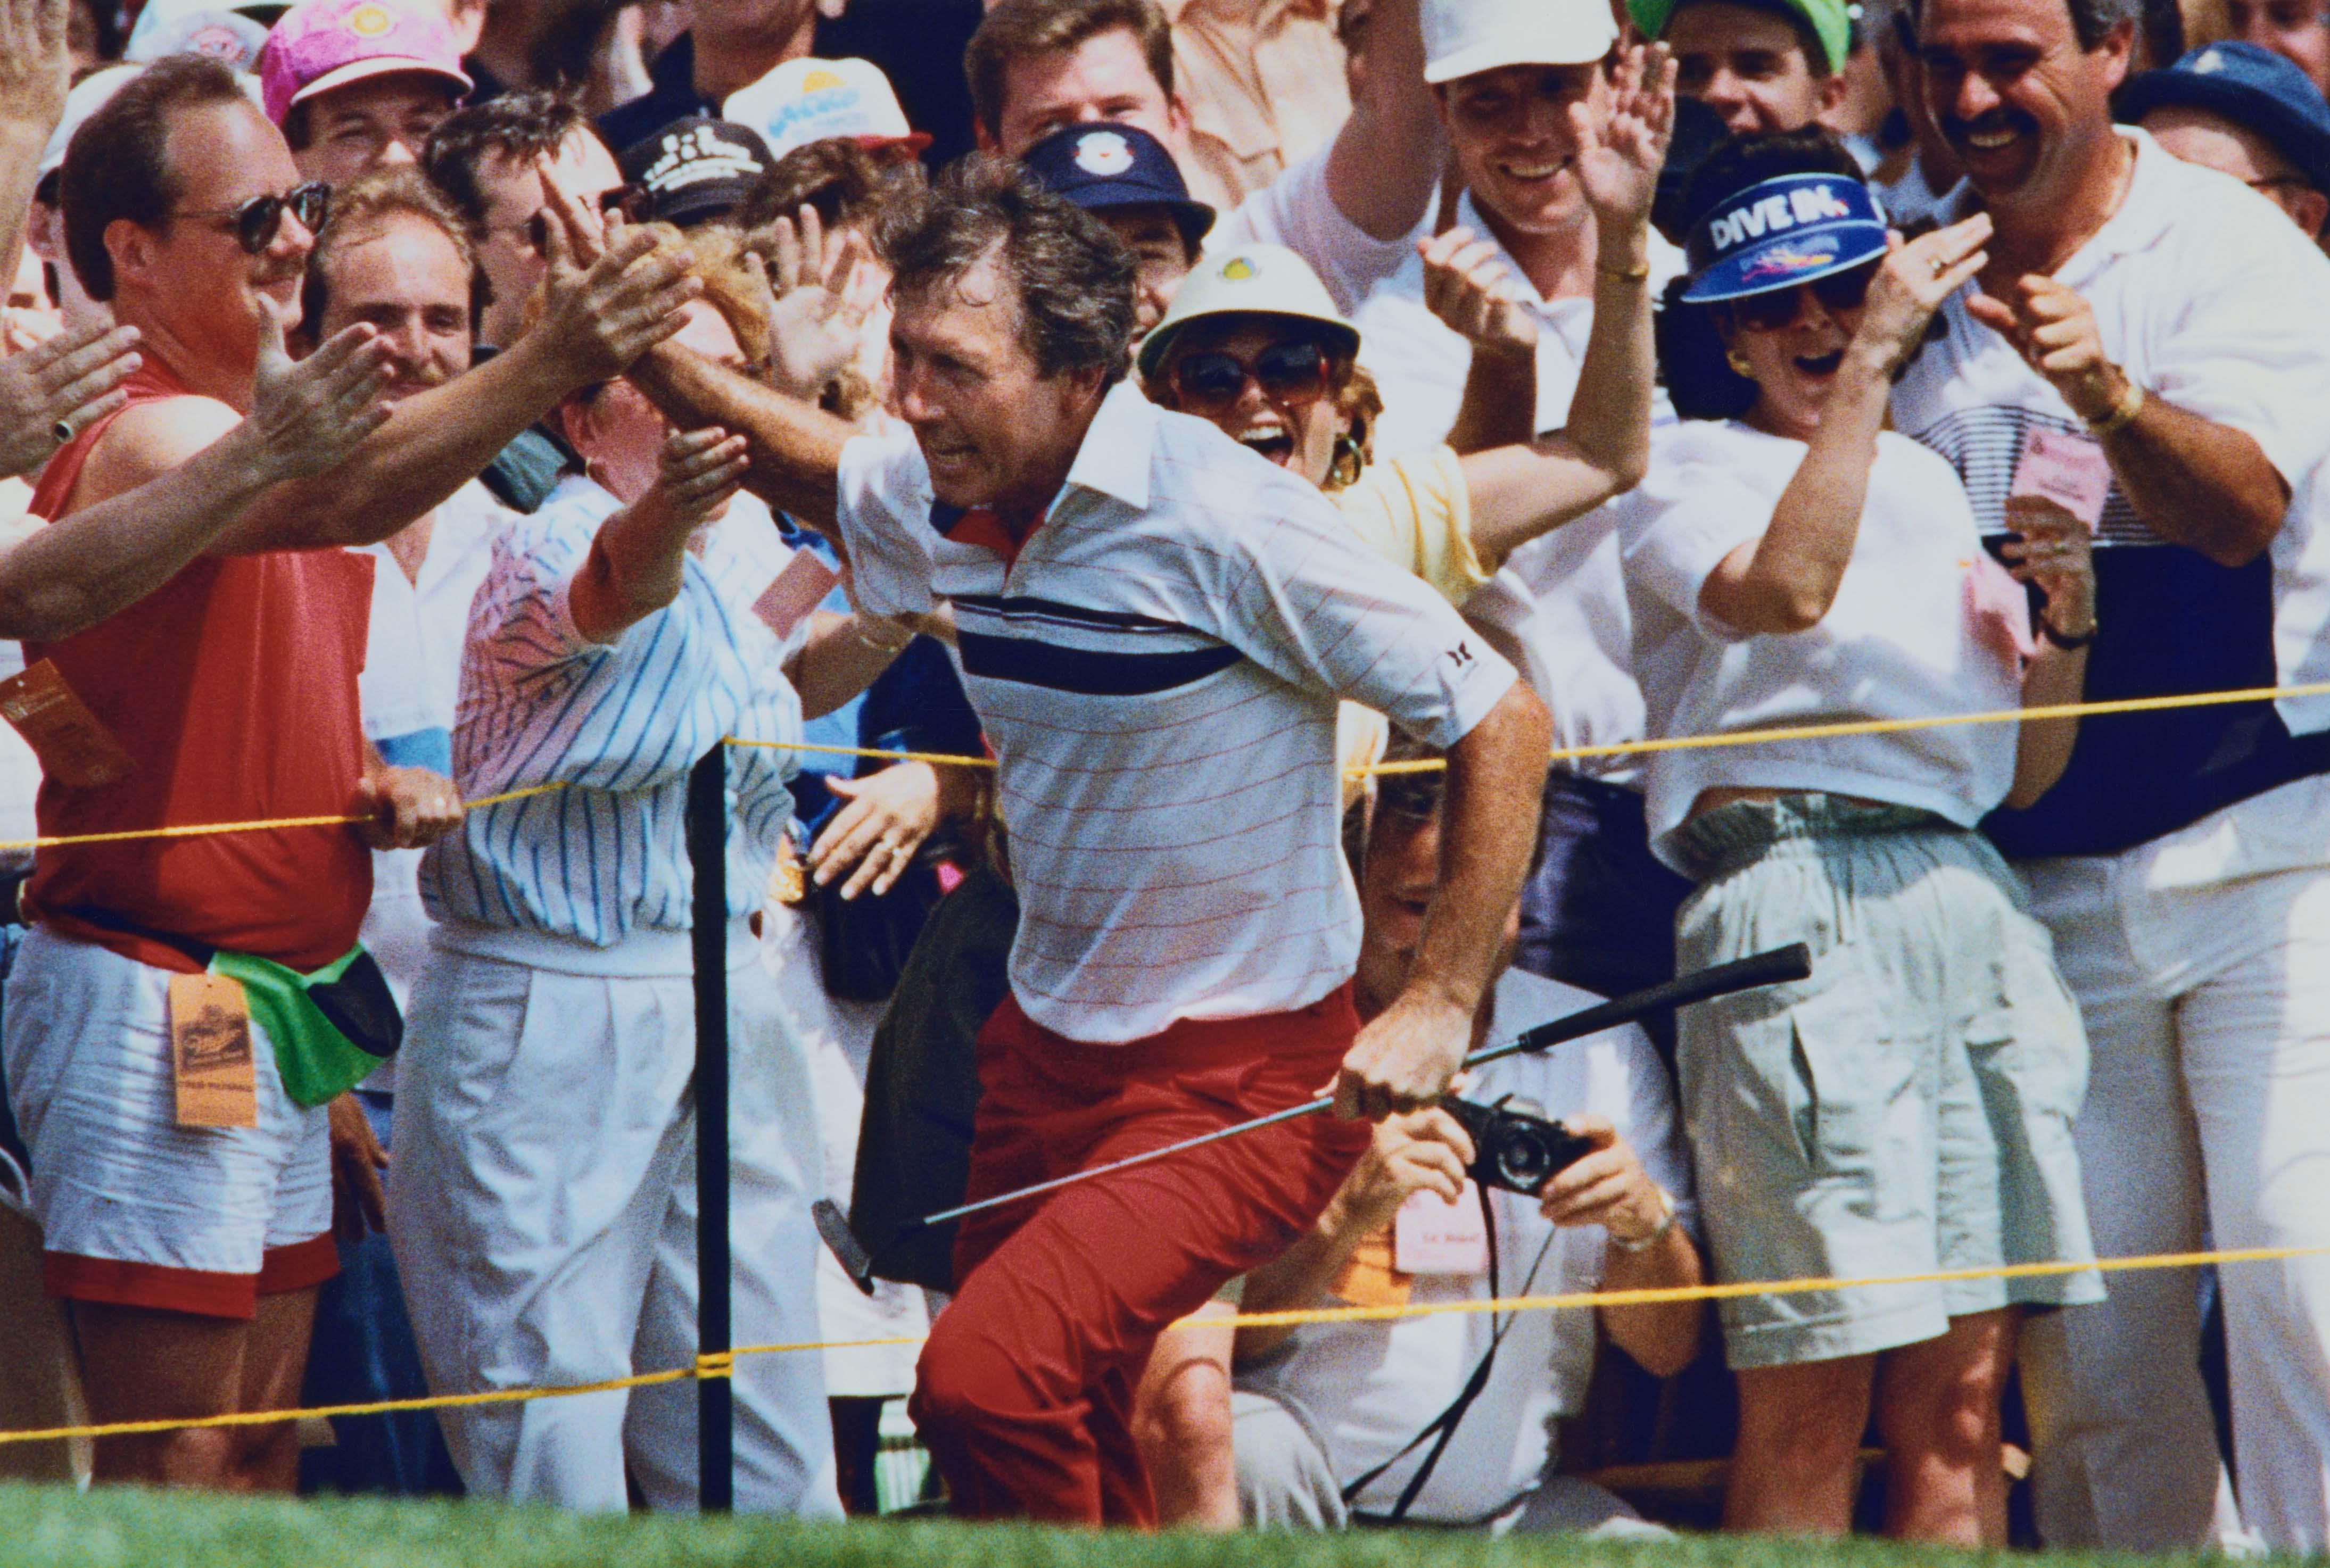 13. 1990: Irwin takes a lap